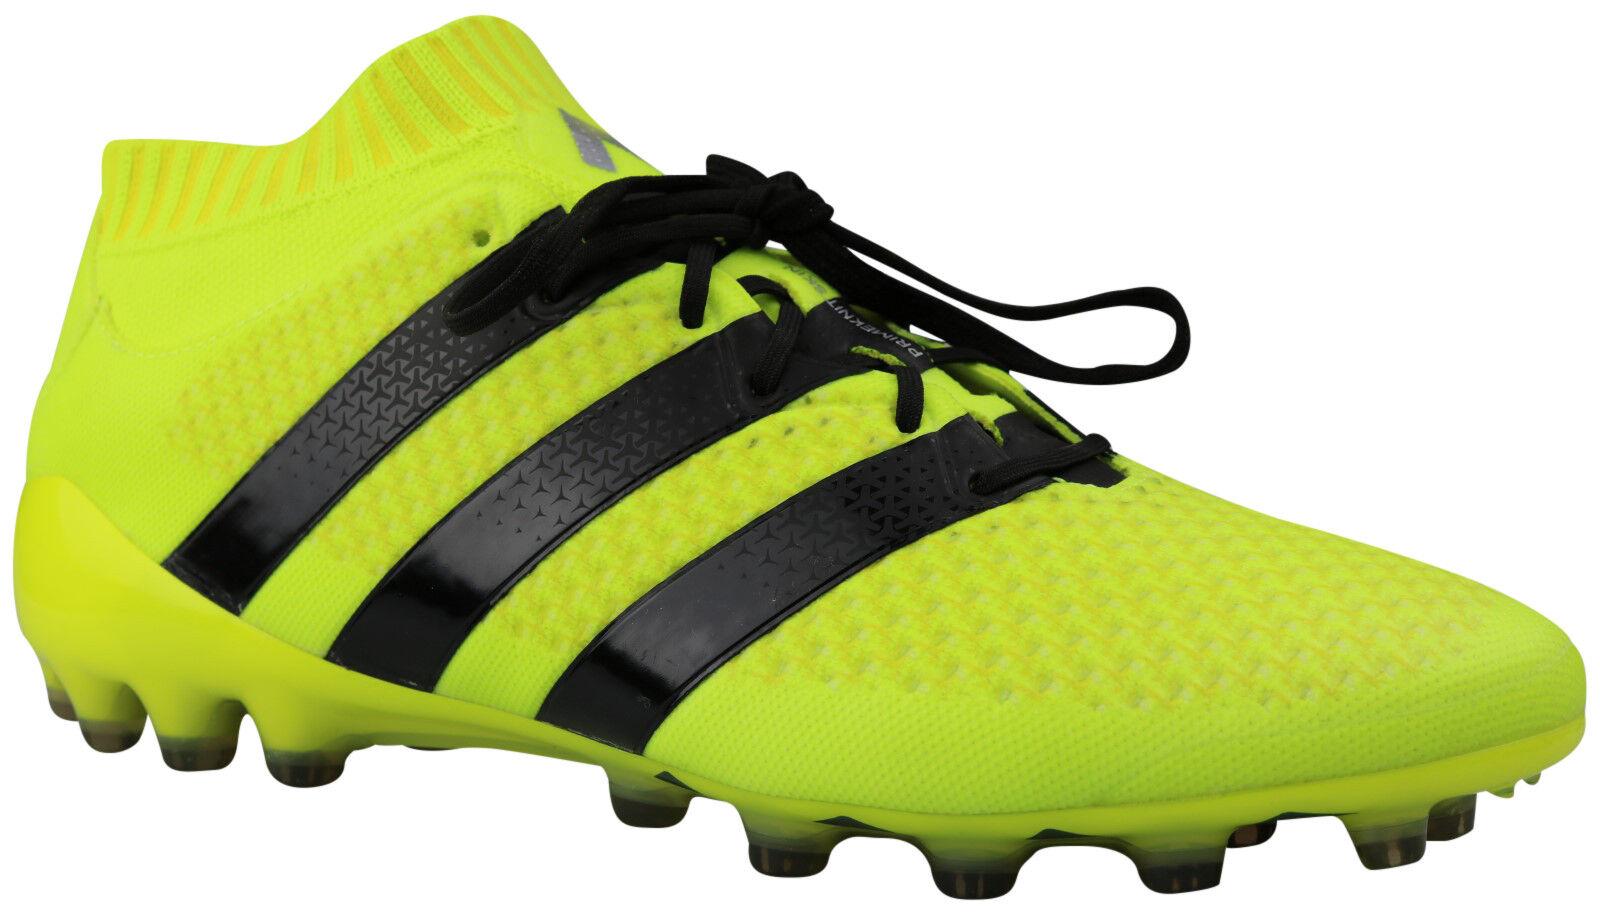 Zapatos de fútbol Adidas as 16.1 AG  hombres amarillo nuevo caja original leva S80580 gr. 45 1 3  Más asequible